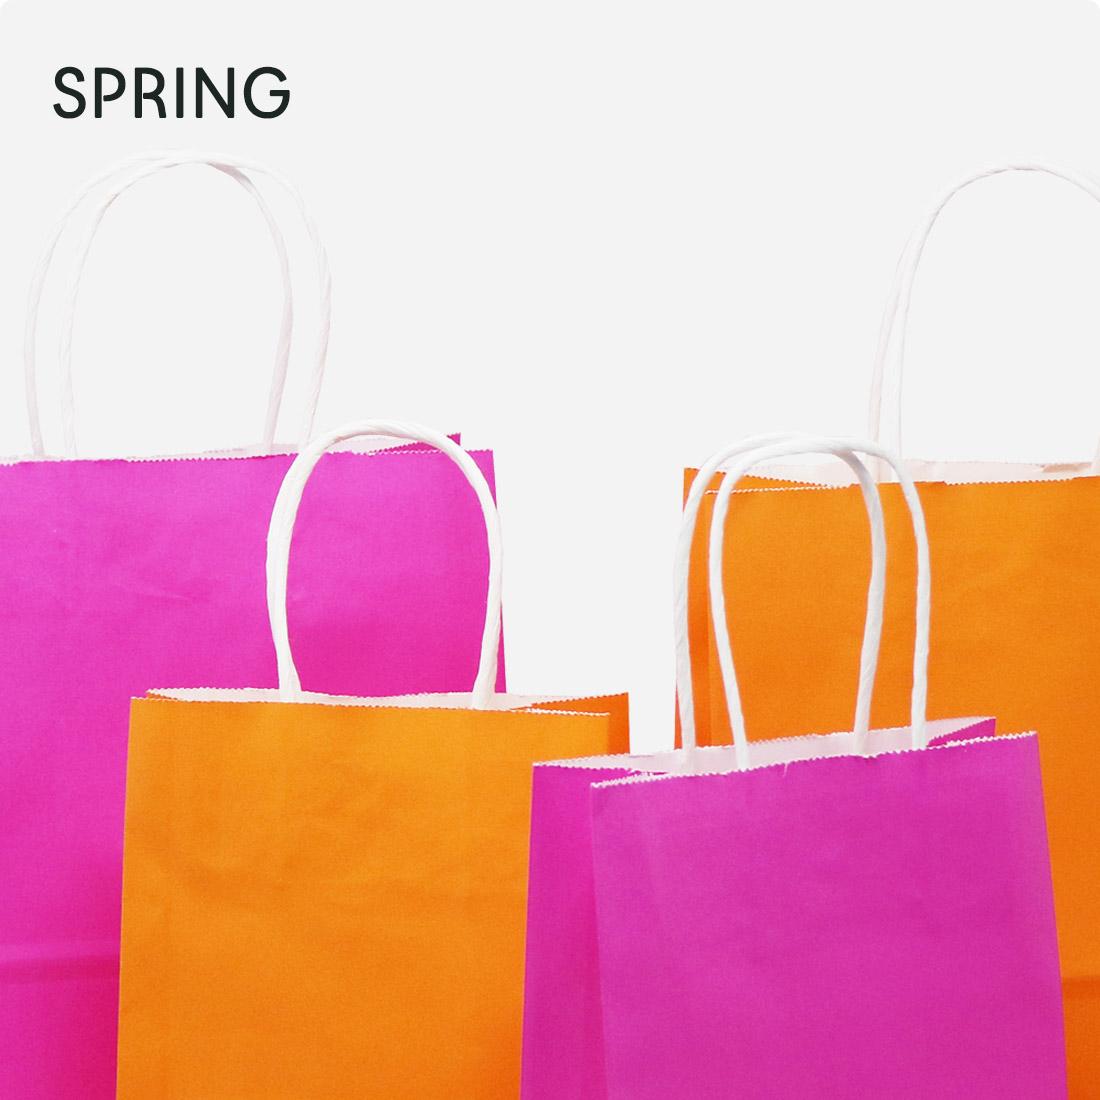 spring-21.jpg